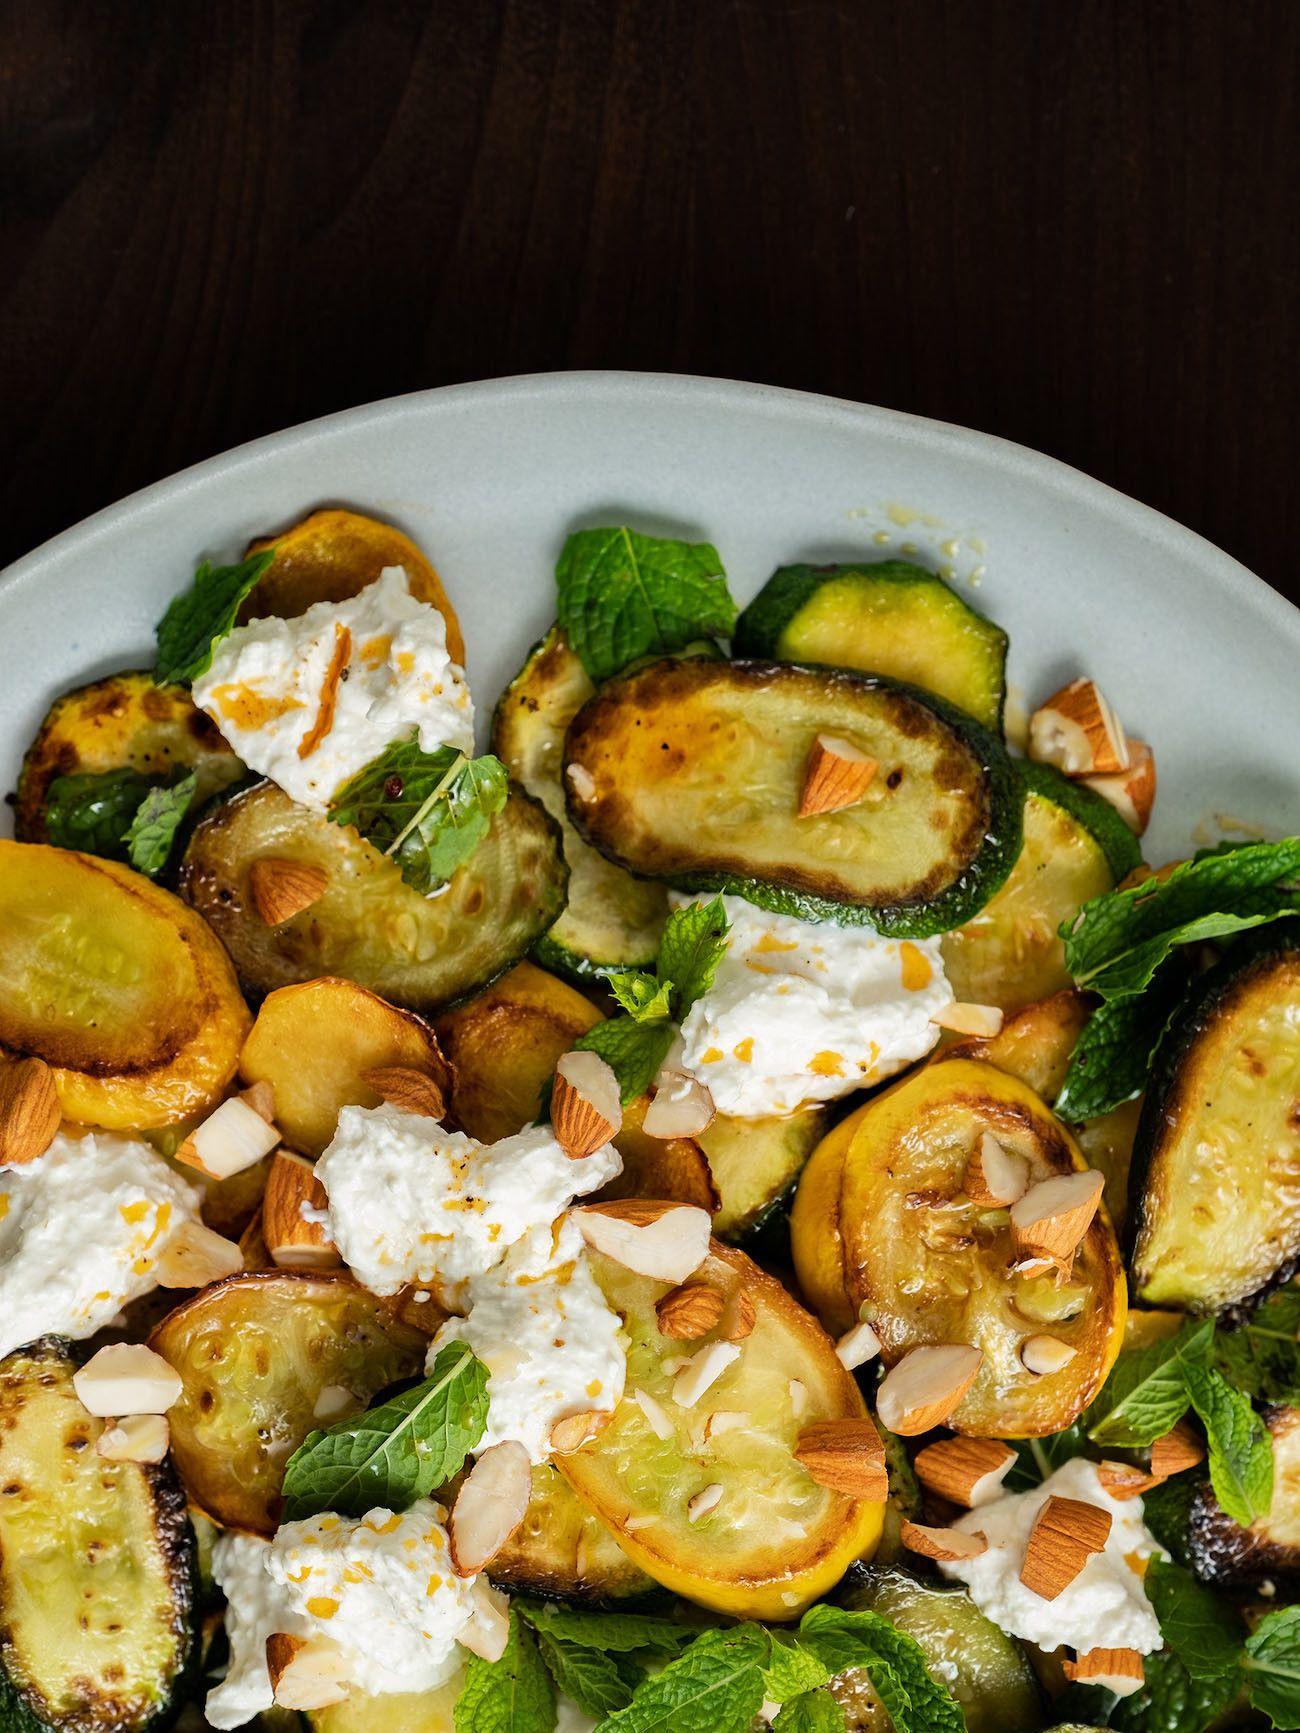 Zucchinisalat mit Ricotta, Mandeln und Minze, Pfeffer